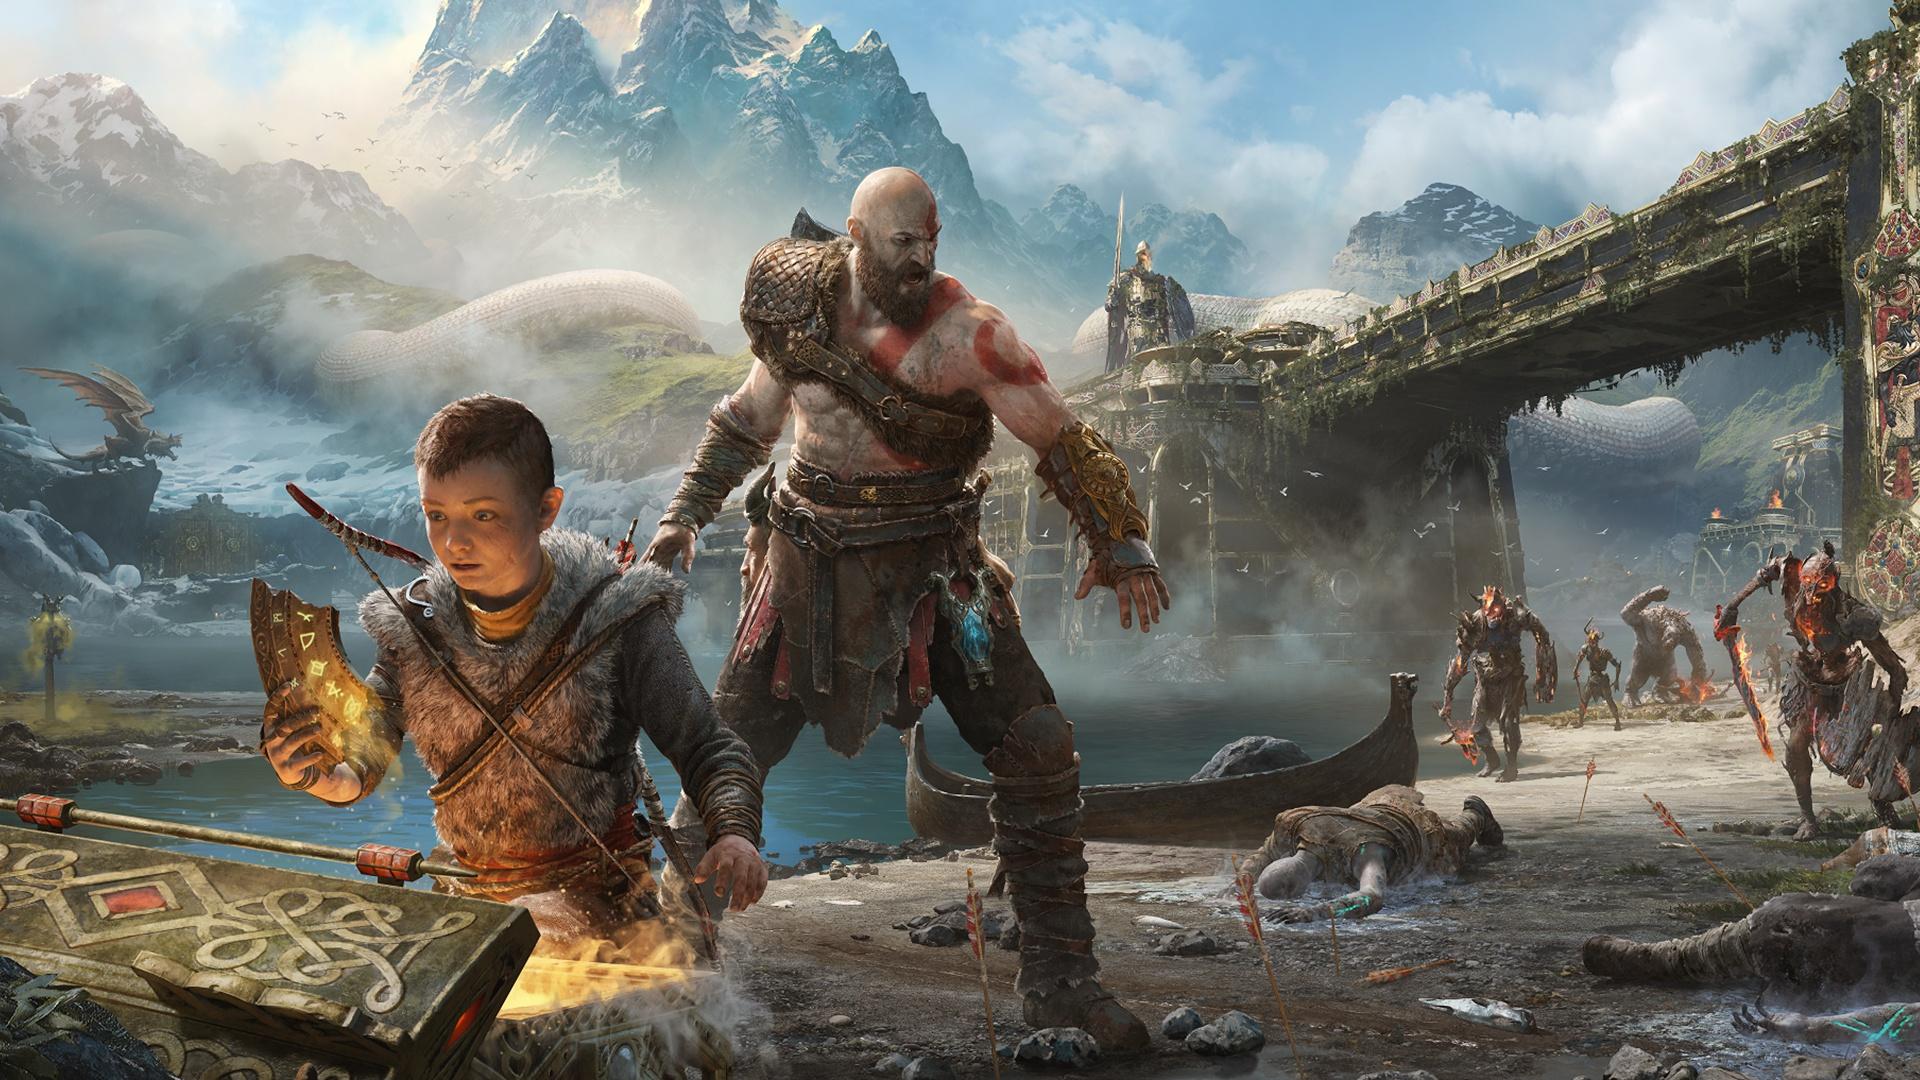 Wallpaper God Of War God Of War 2018 Kratos Video Games